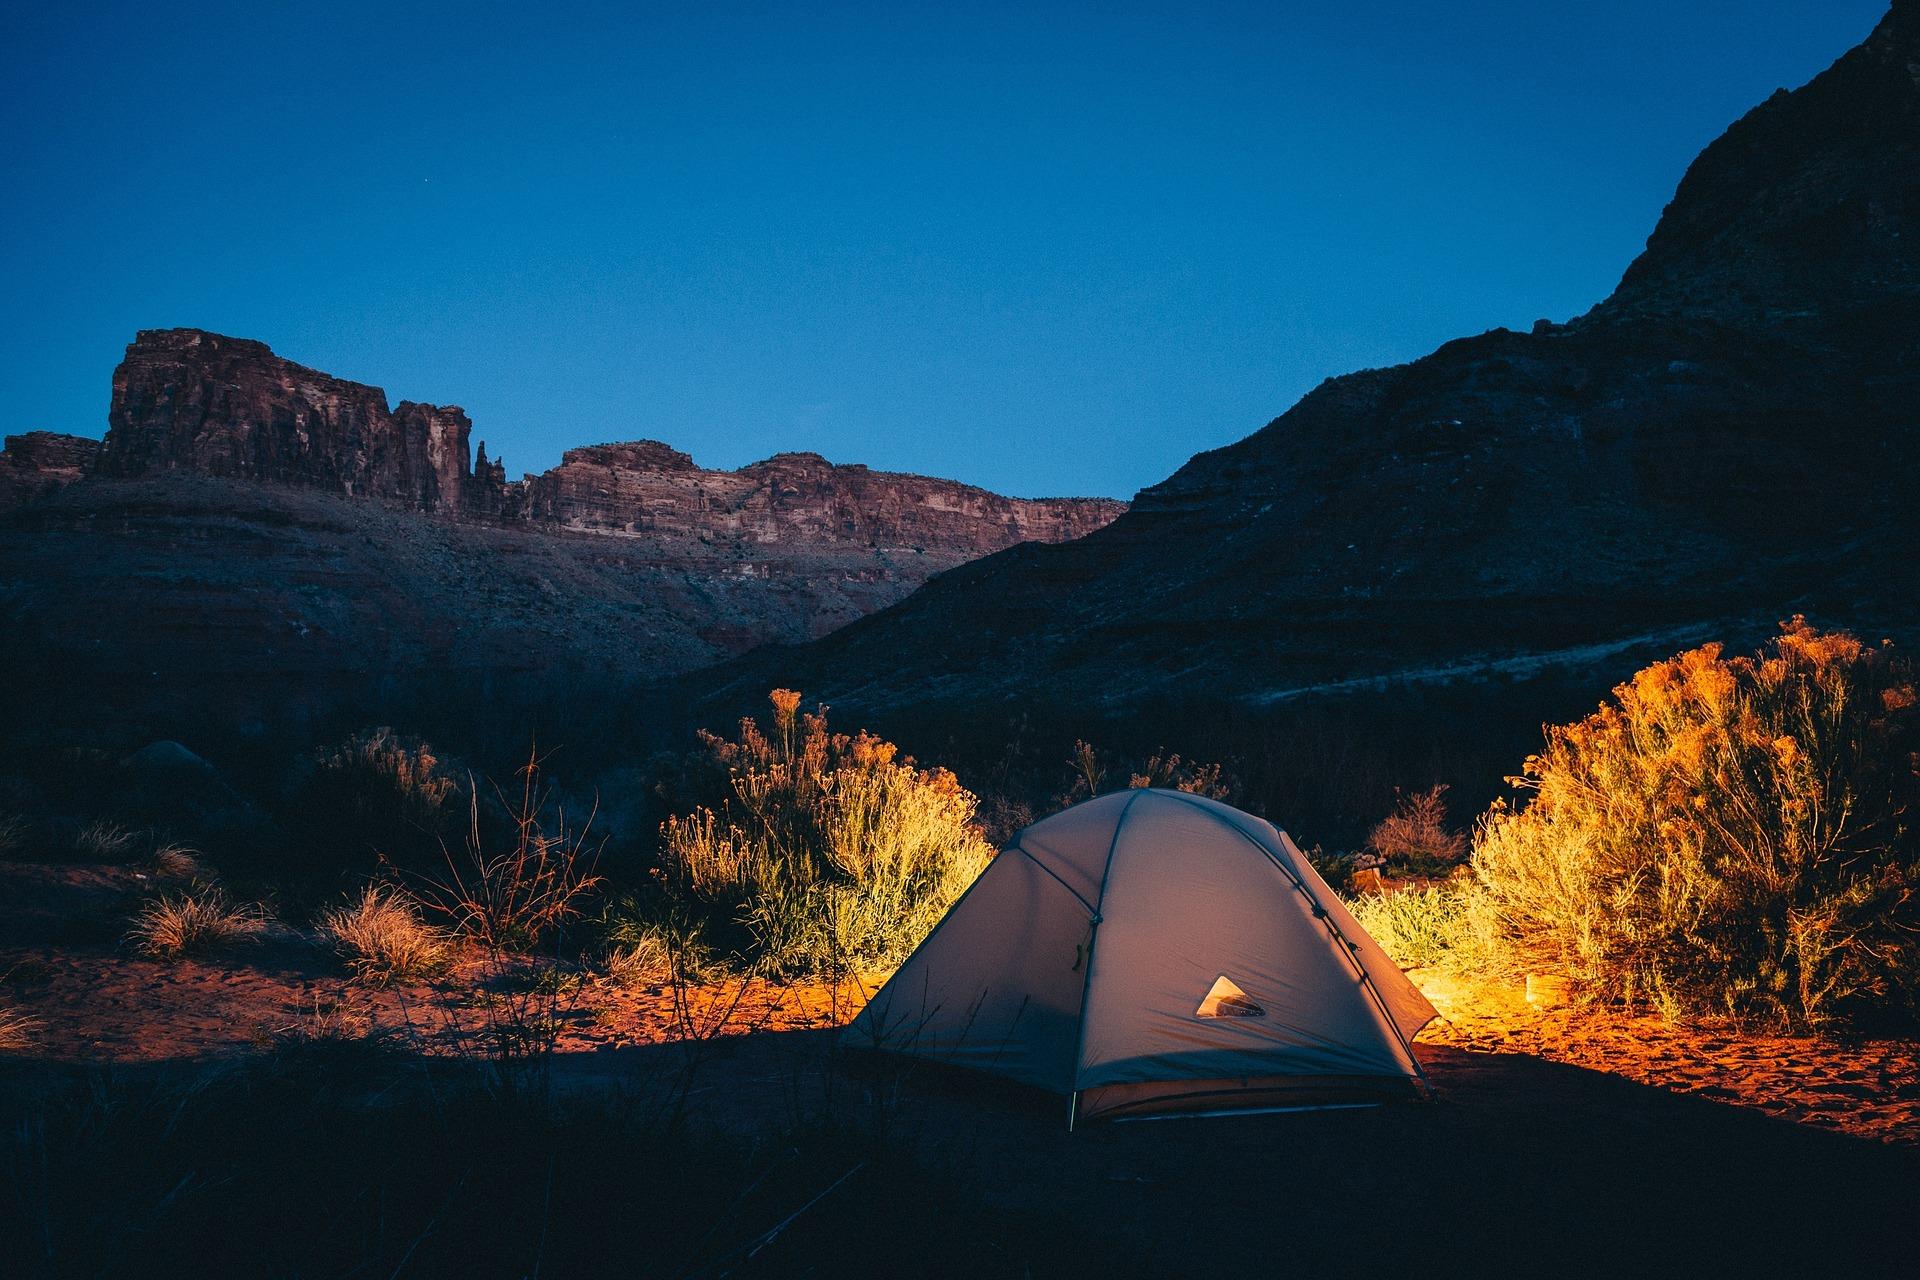 マオイオートランドは人気の高規格キャンプ場!場内の設備や料金についても紹介!